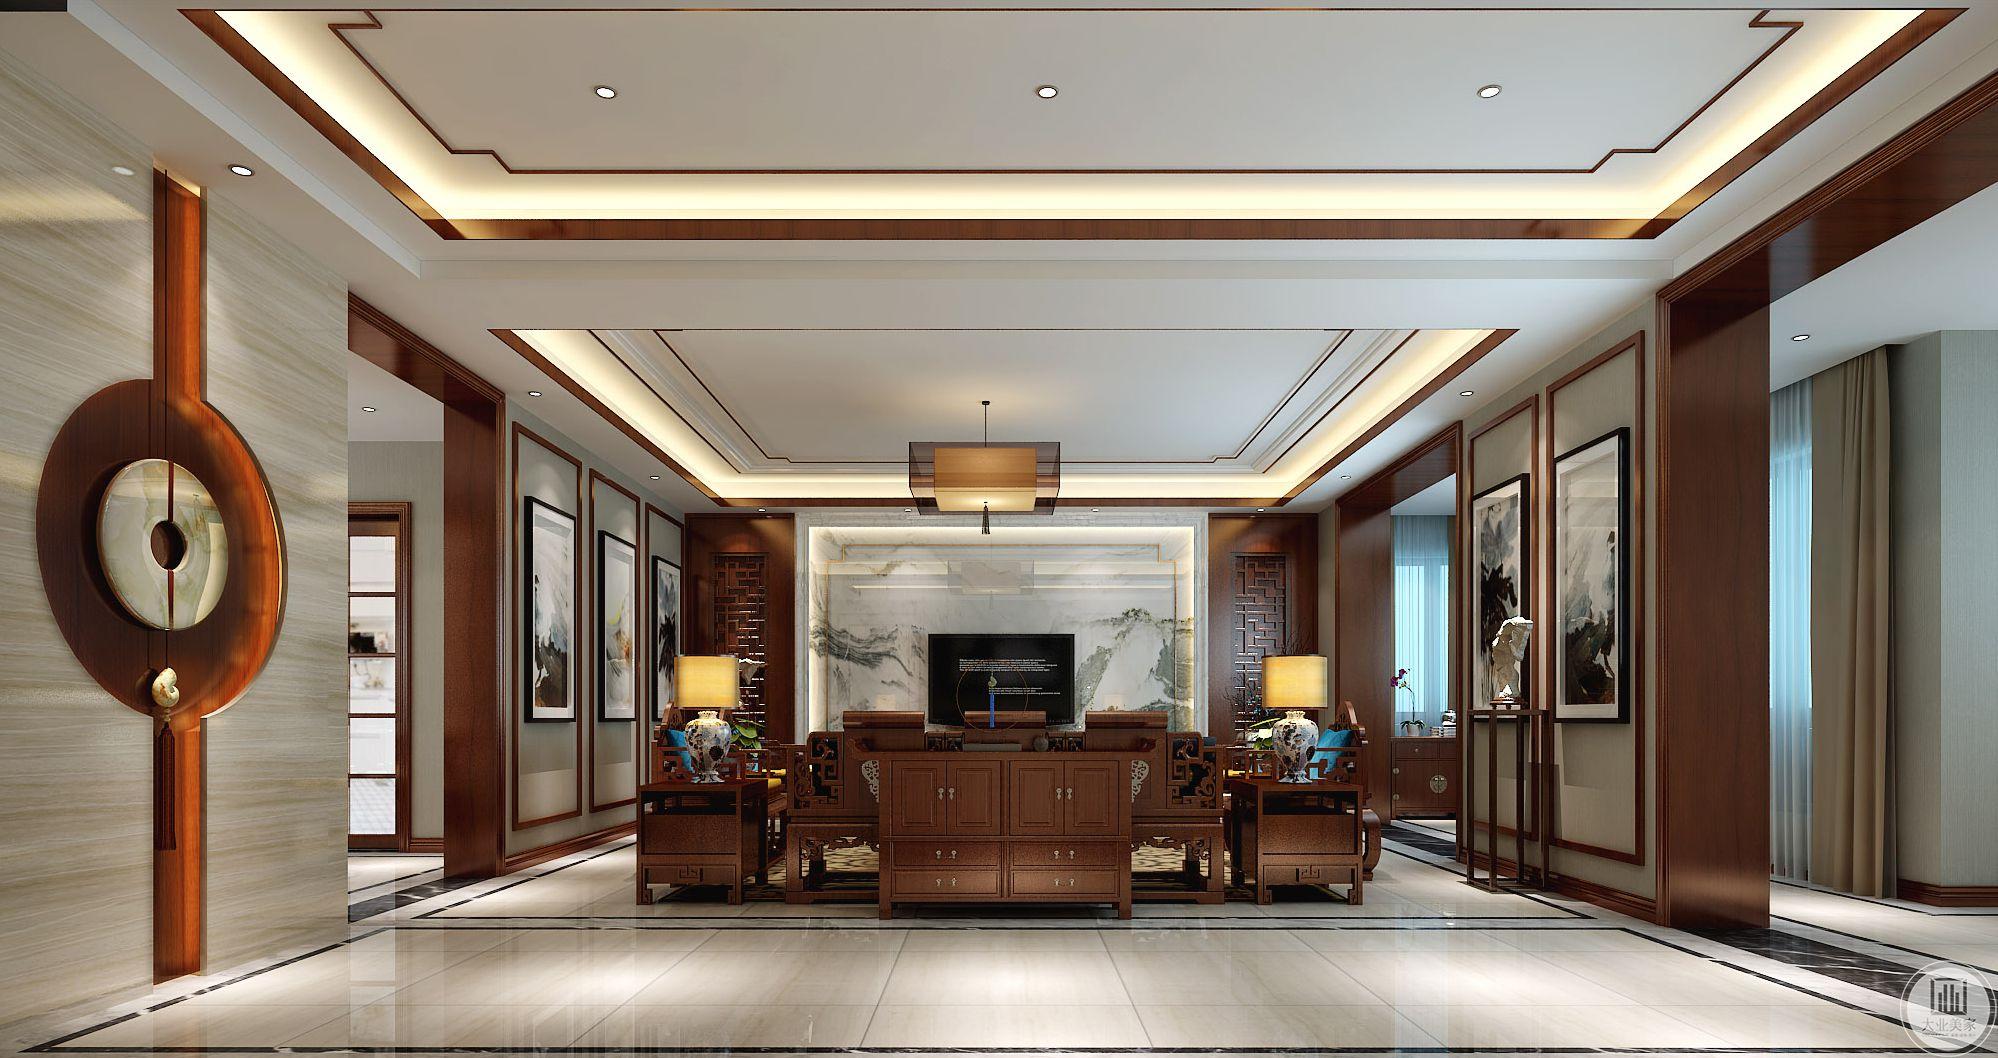 客厅是传统与现代居室风格的碰撞,设计师以现代的装饰手法和家具,结合古典中式的装饰元素,来呈现亦古亦今的空间氛围。影视墙的造型简洁现代,却在醒目位置饰以中式书法,这种绝妙的组合给人以强烈的视觉意志力,成为时尚与古典的柔媚结合。